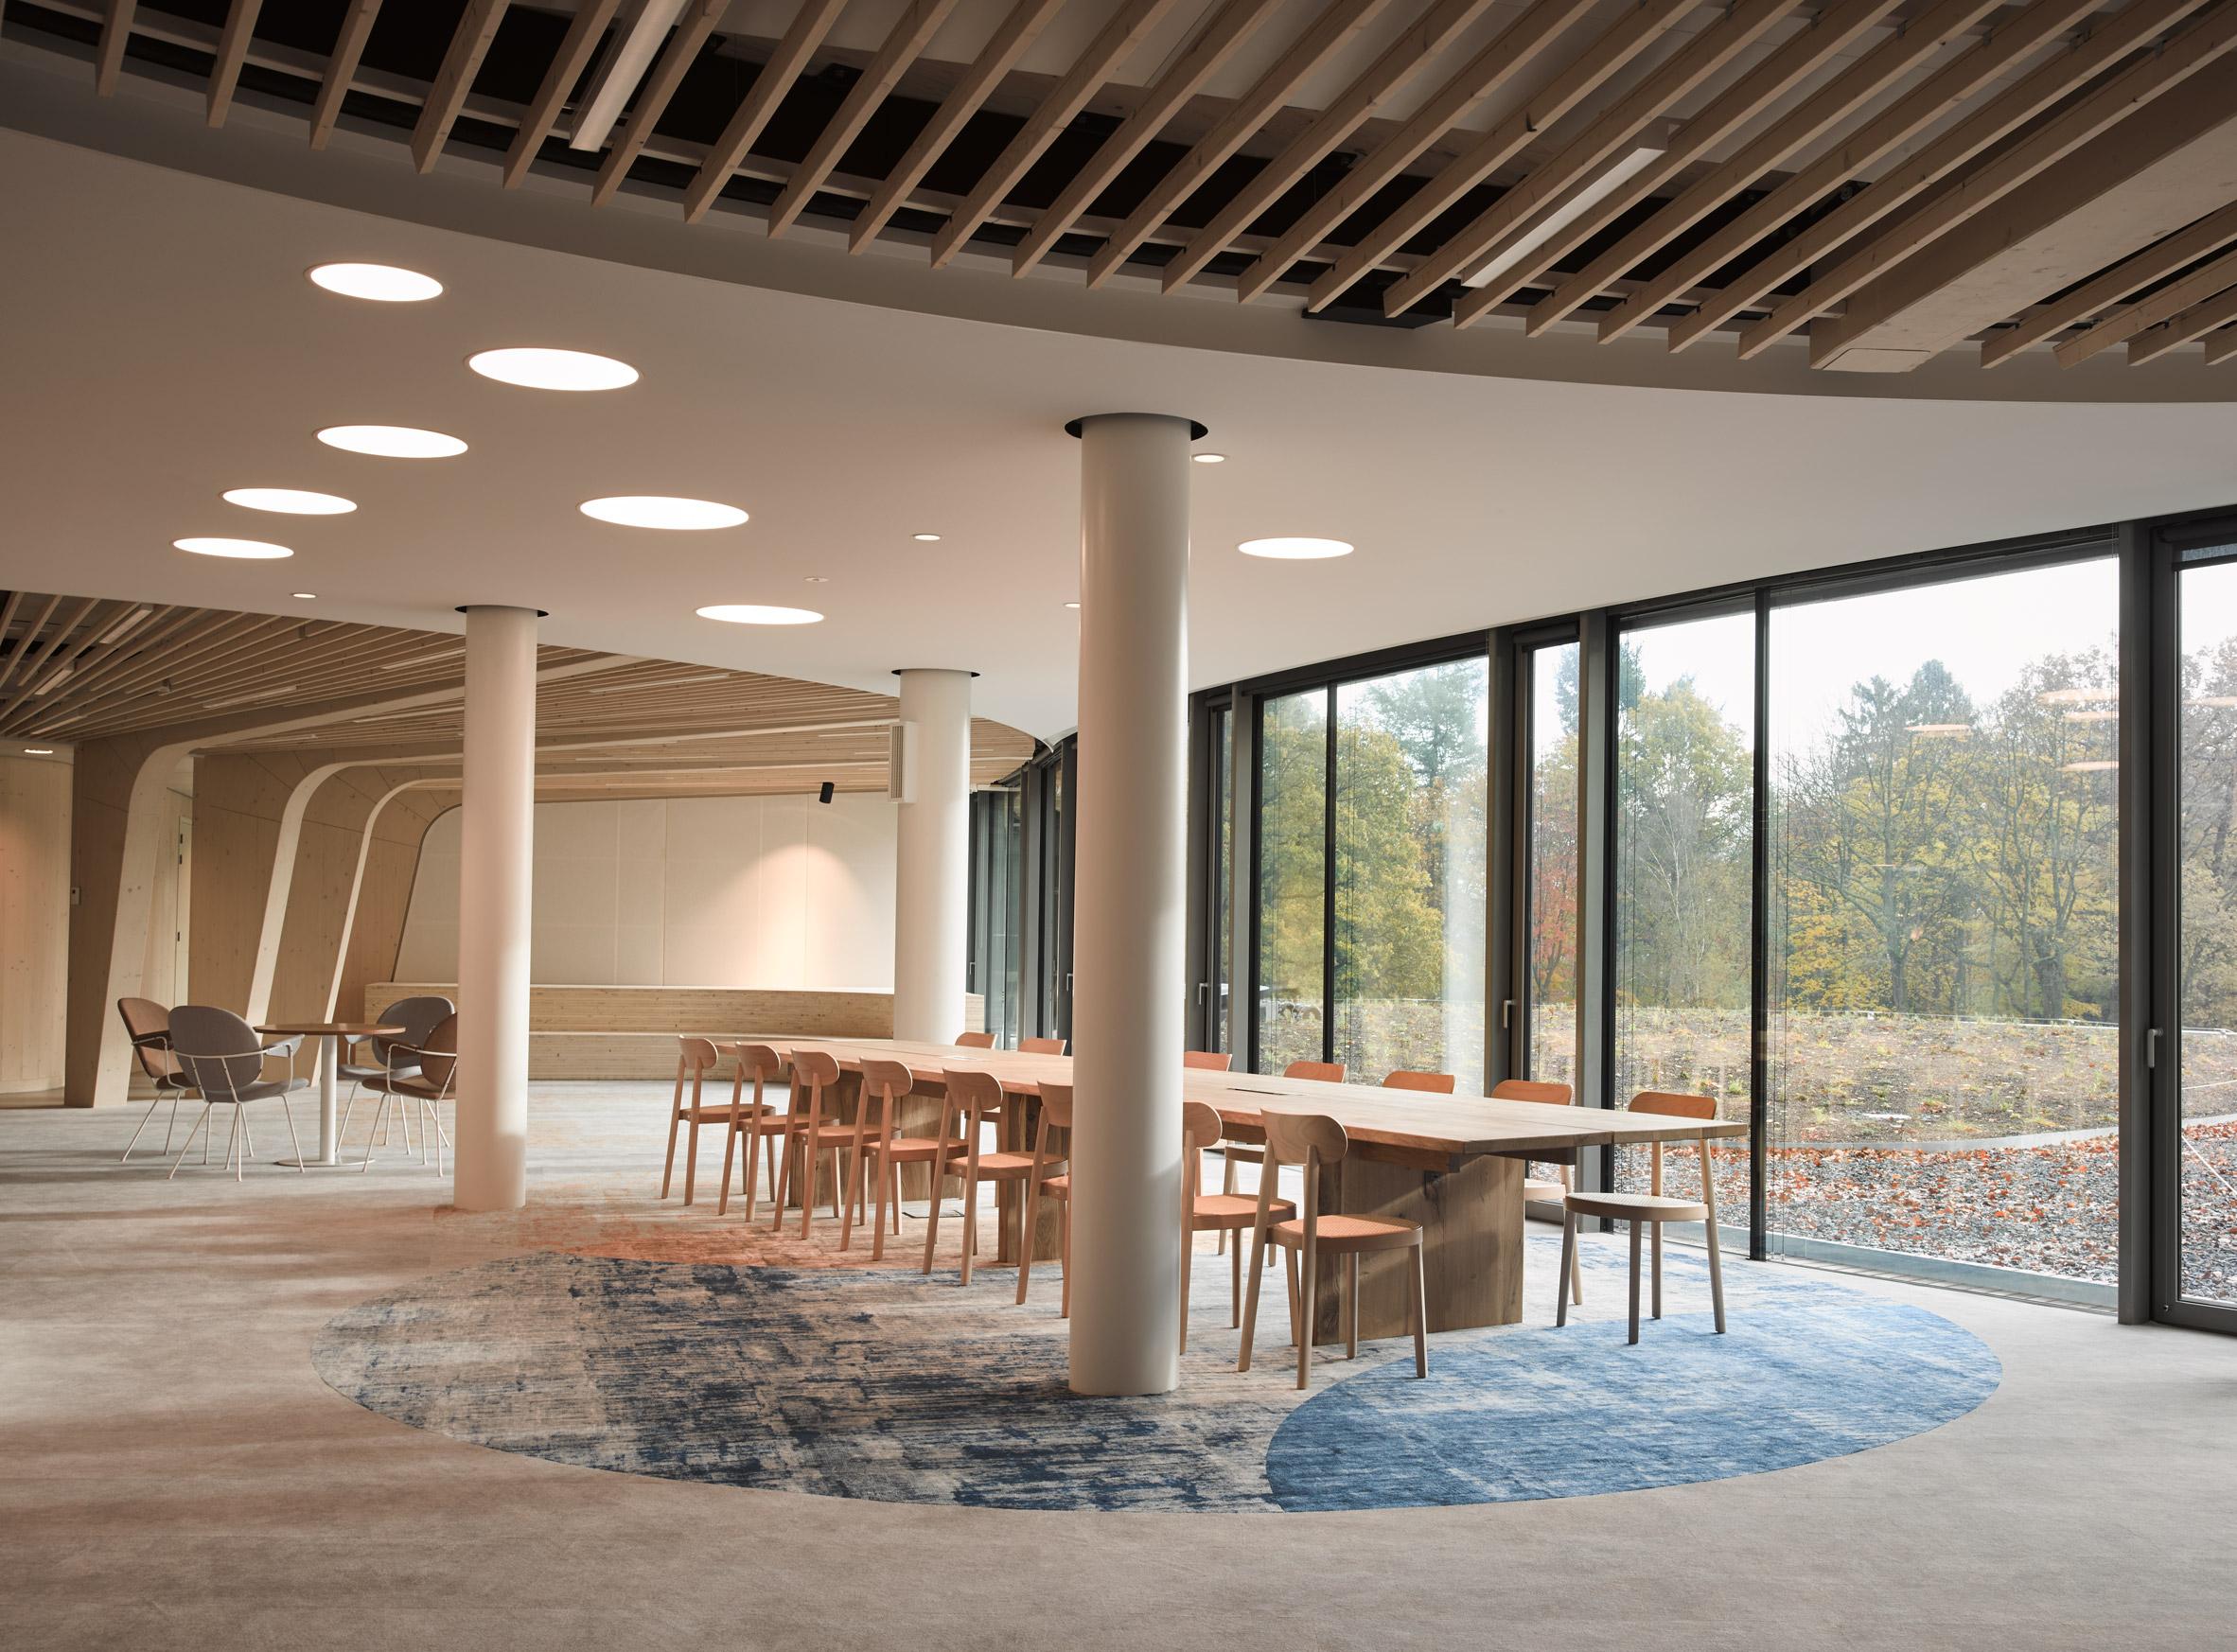 An open-plan office interior